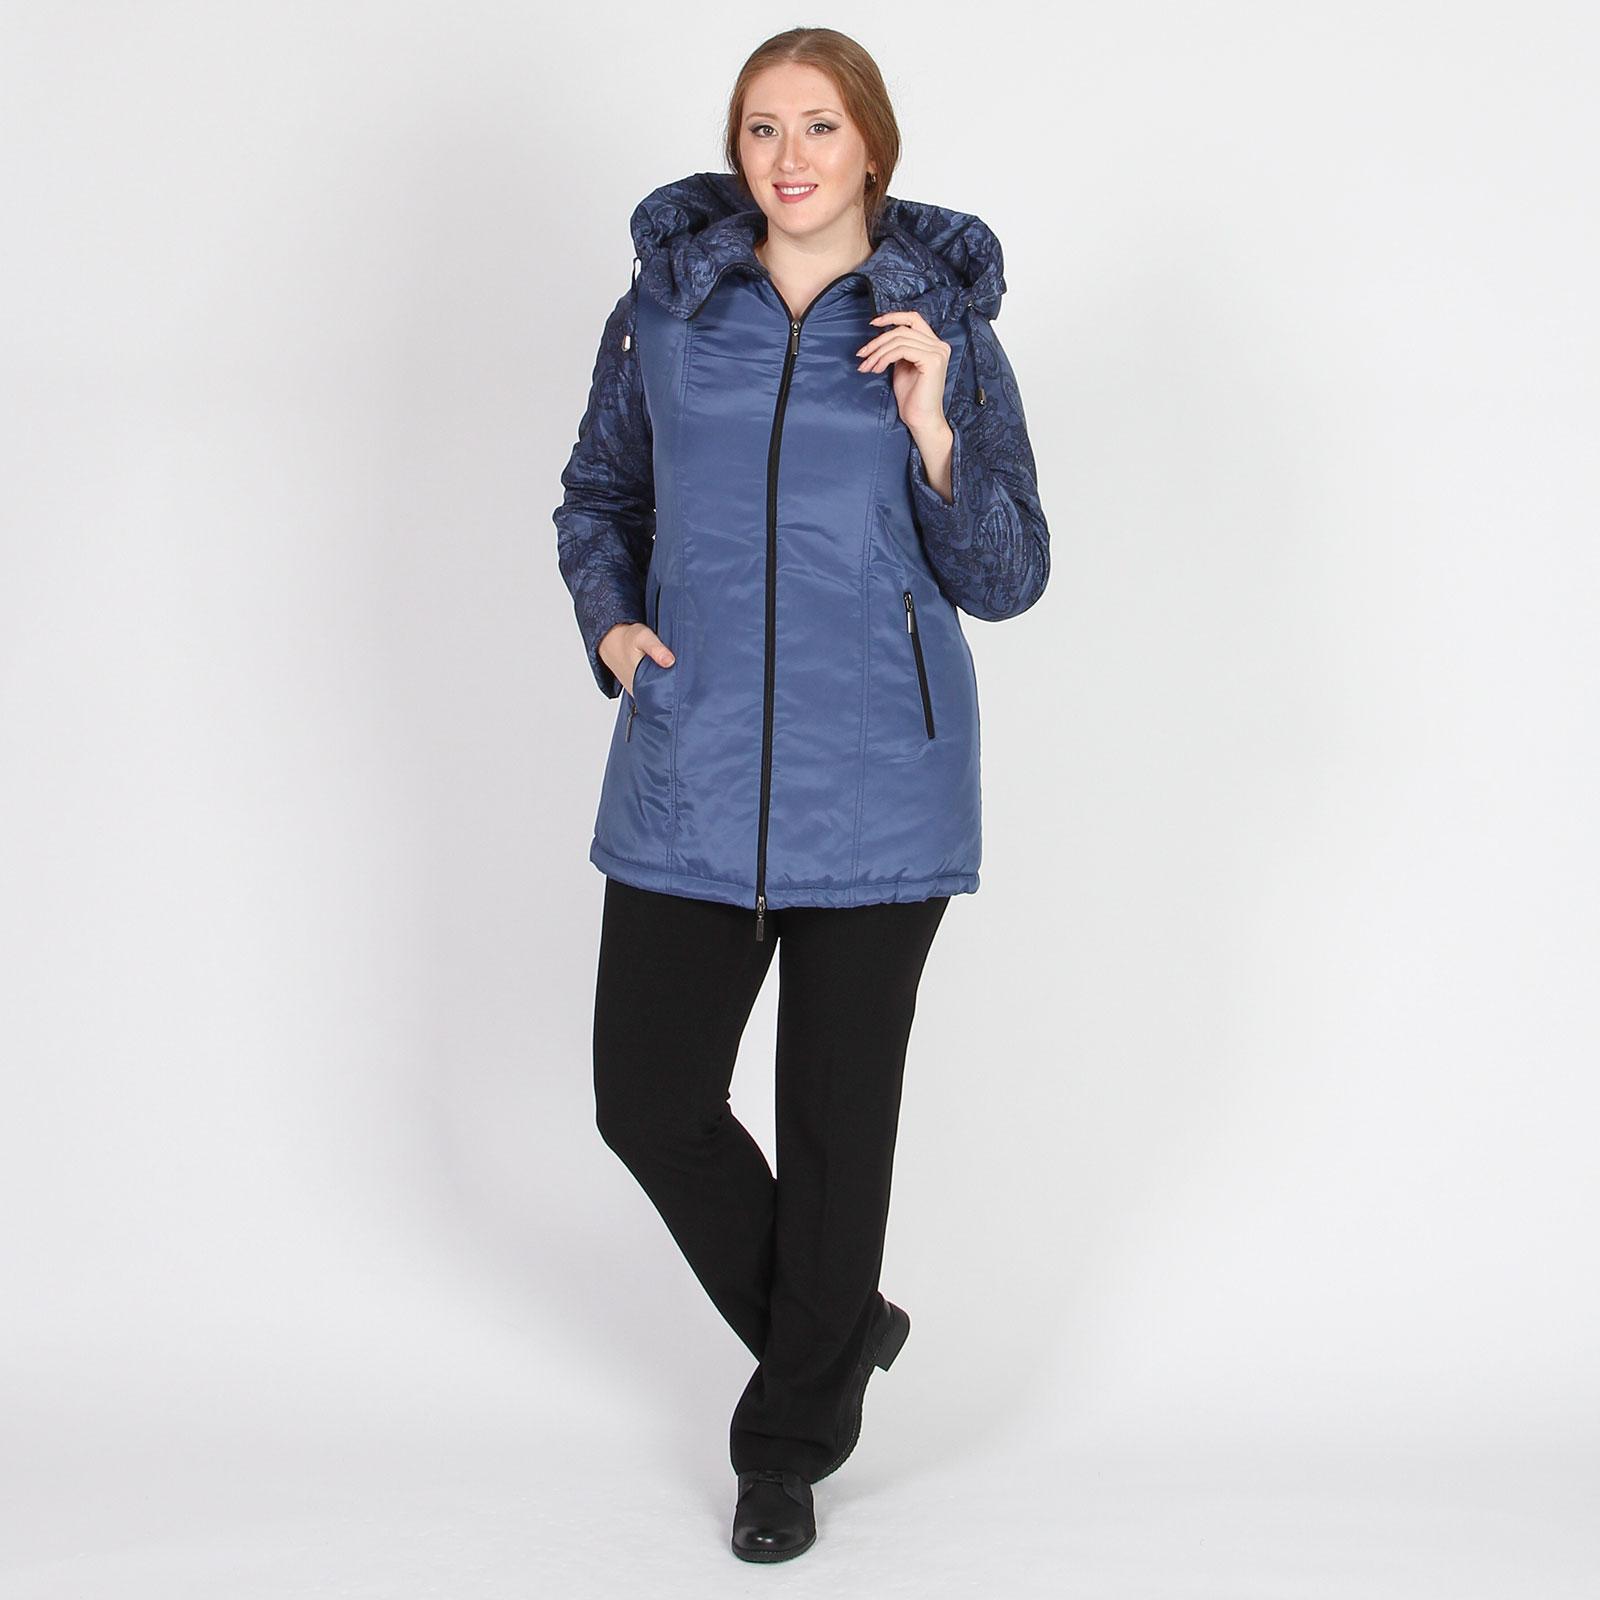 Куртка на молнии с ажурным узором и кулиской на спинке